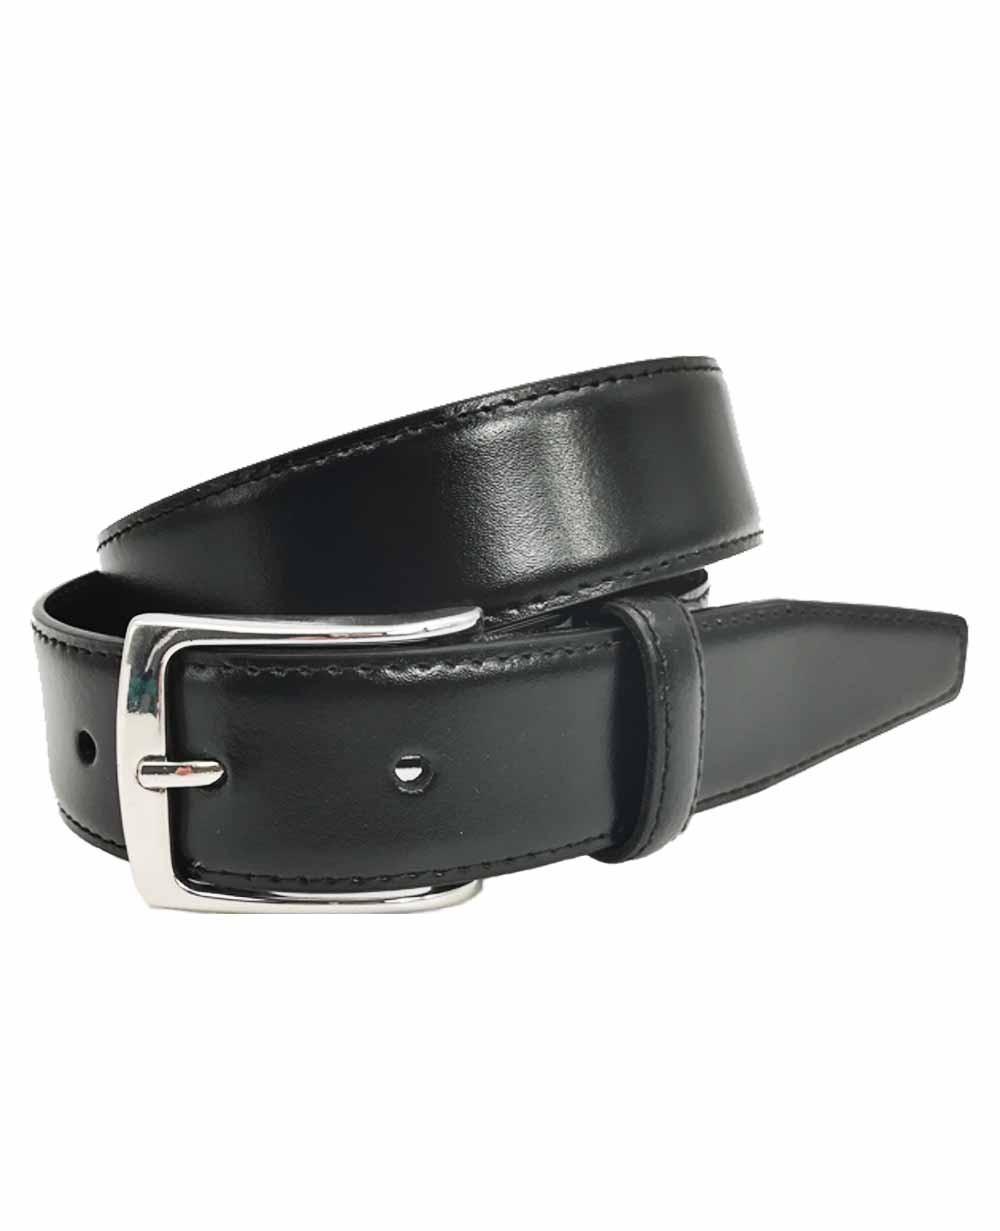 Dalvi Cinturón clásico Piel Negro 90 (Foto )